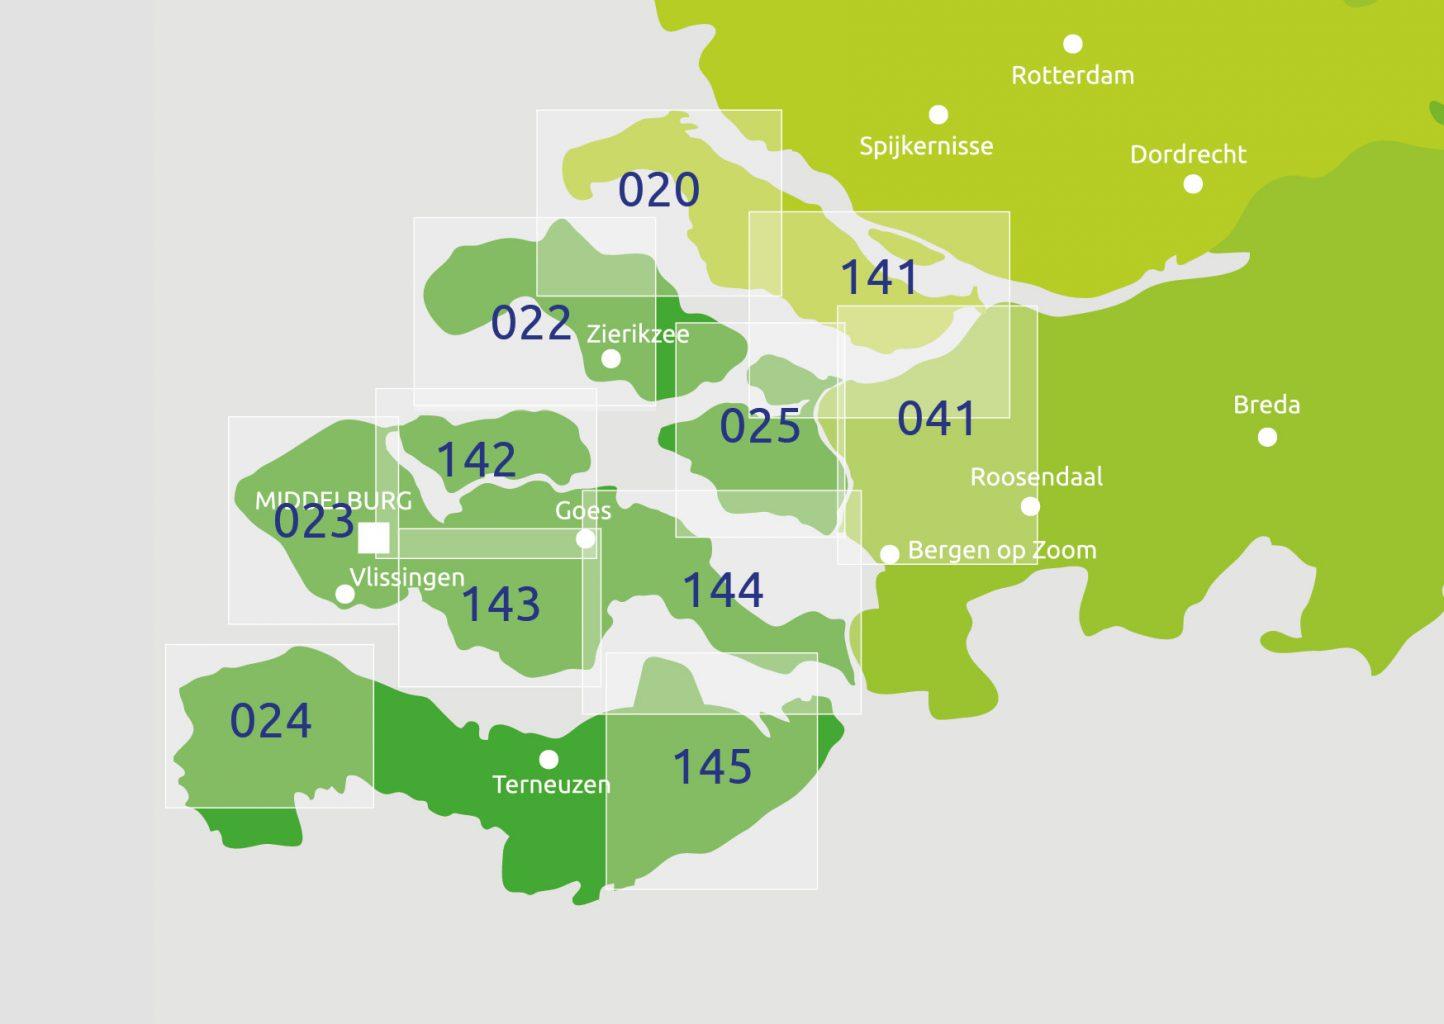 Zoekkaart Knooppuntkaart Zeeland